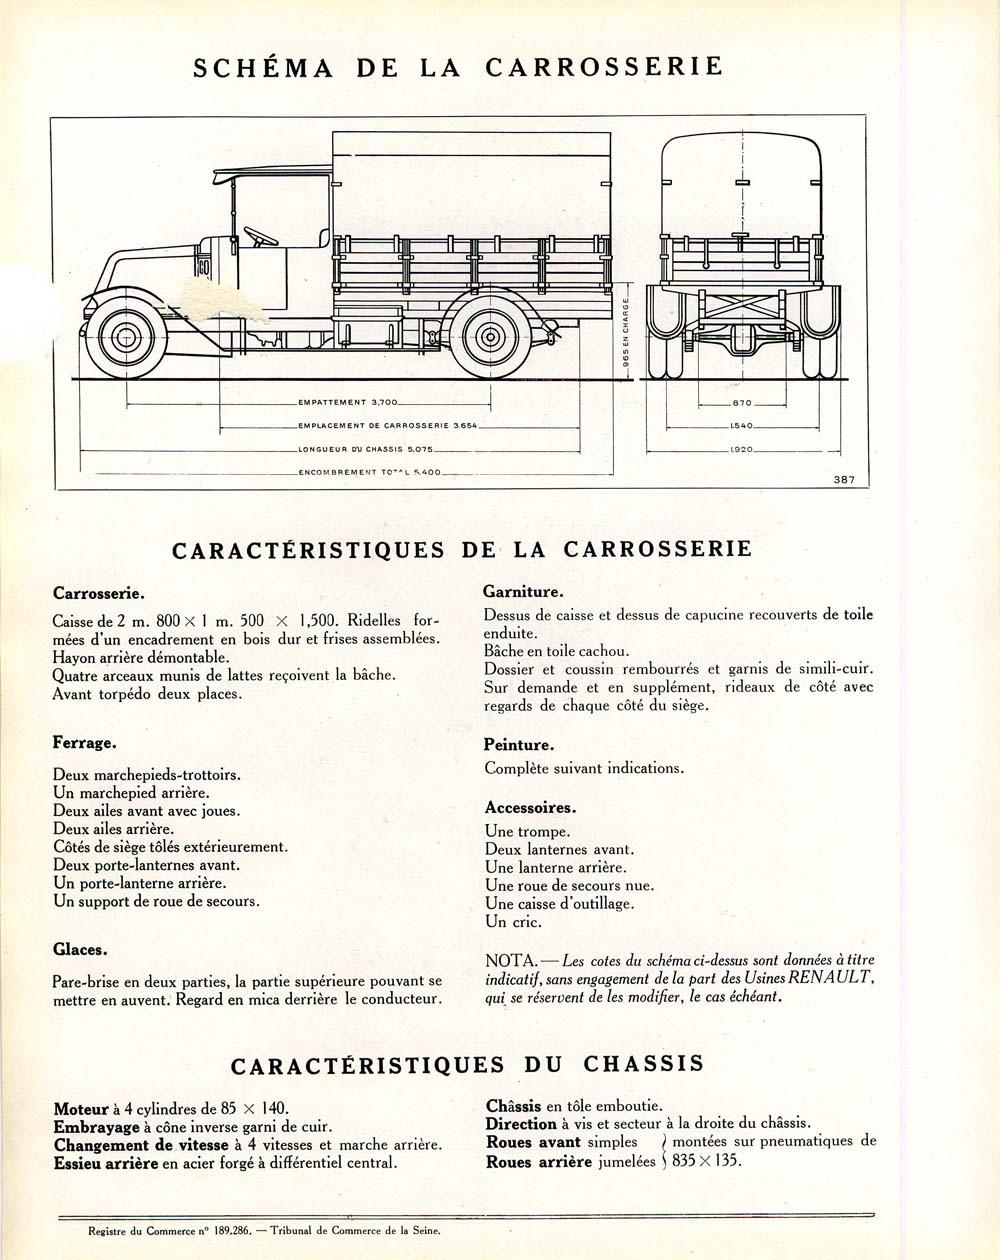 camionnette_bachee_2000kgs_2